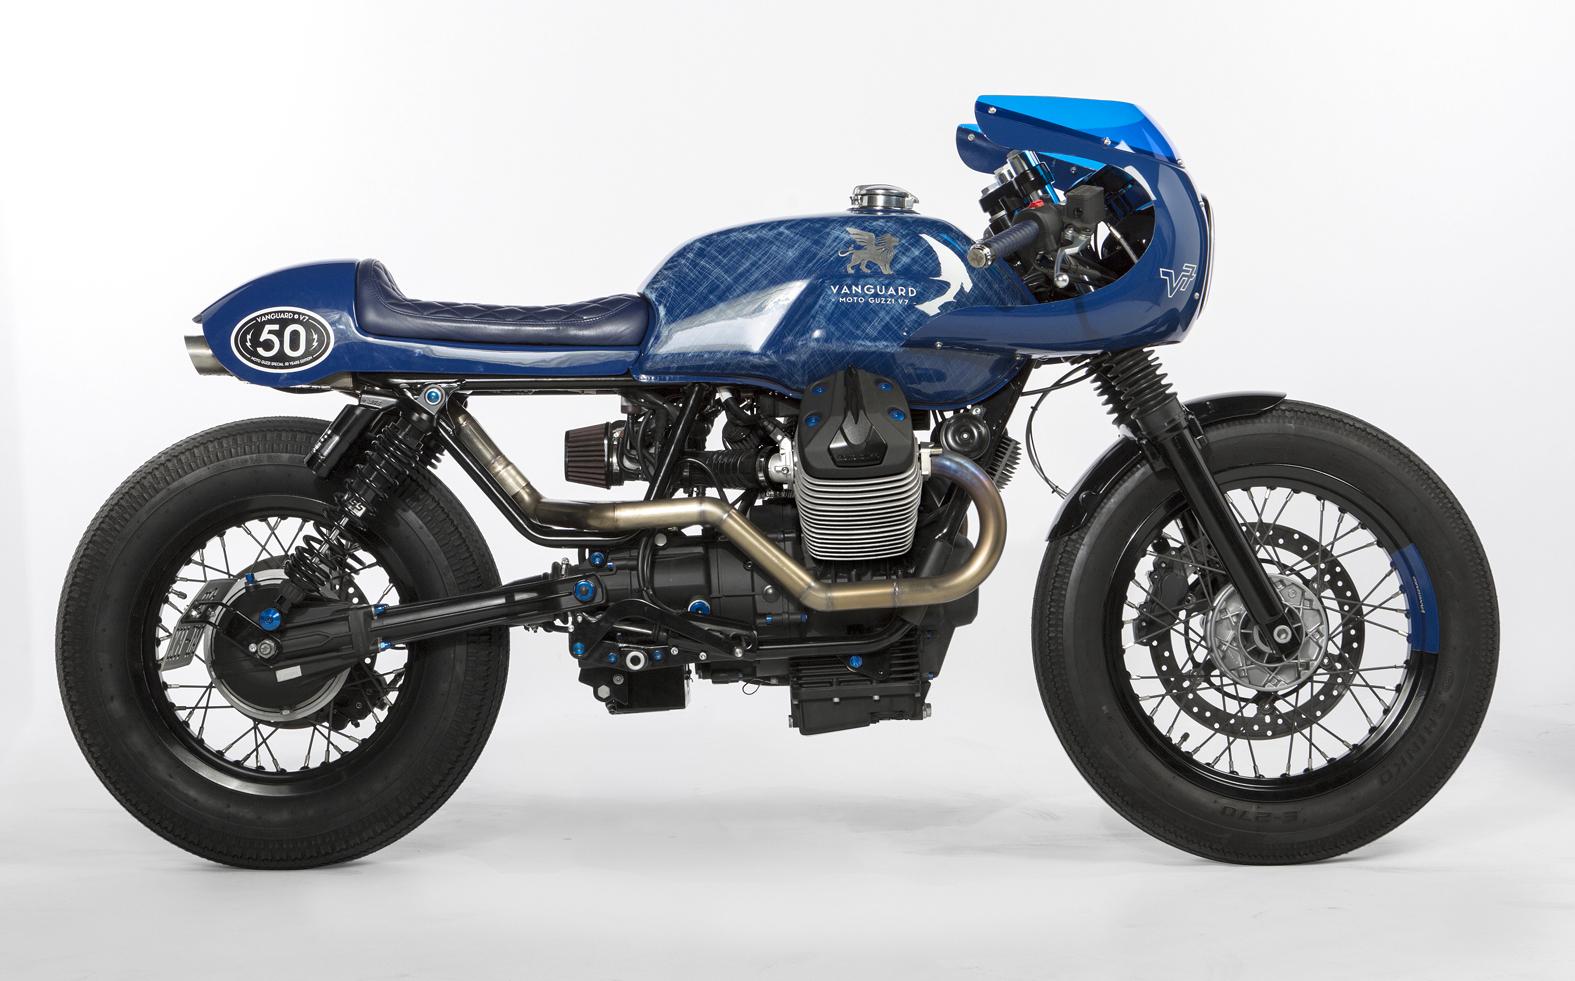 vanguard moto guzzi v7 gannet design. Black Bedroom Furniture Sets. Home Design Ideas